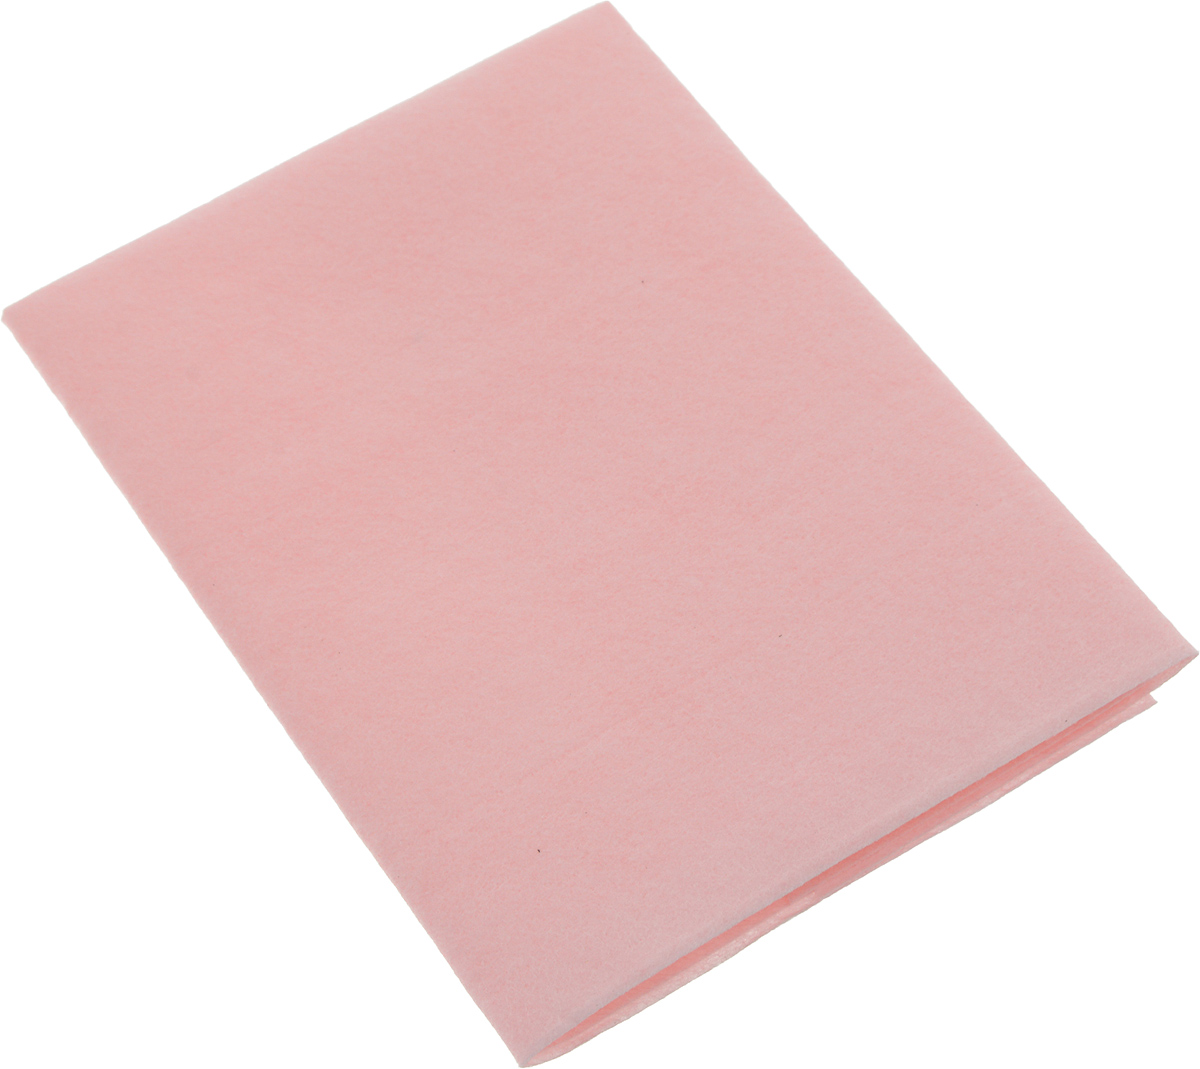 Салфетка Meule, для уборки офисной техники и оптических приборов, цвет: розовый, 30 х 30 см4607009241166_розовыйСалфетка Meule, изготовленная из микрофибры и полиамида подходит для оргтехники и оптических приборов. Салфетка имеет невыраженные ворсинки и ровную плотную текстуру. Она очень эффективно и бережно удаляет загрязнения и пыль без царапин, разводов и повреждений поверхностей. Салфетка не оставляет ворс.Легко стирается, долговечна в использовании.